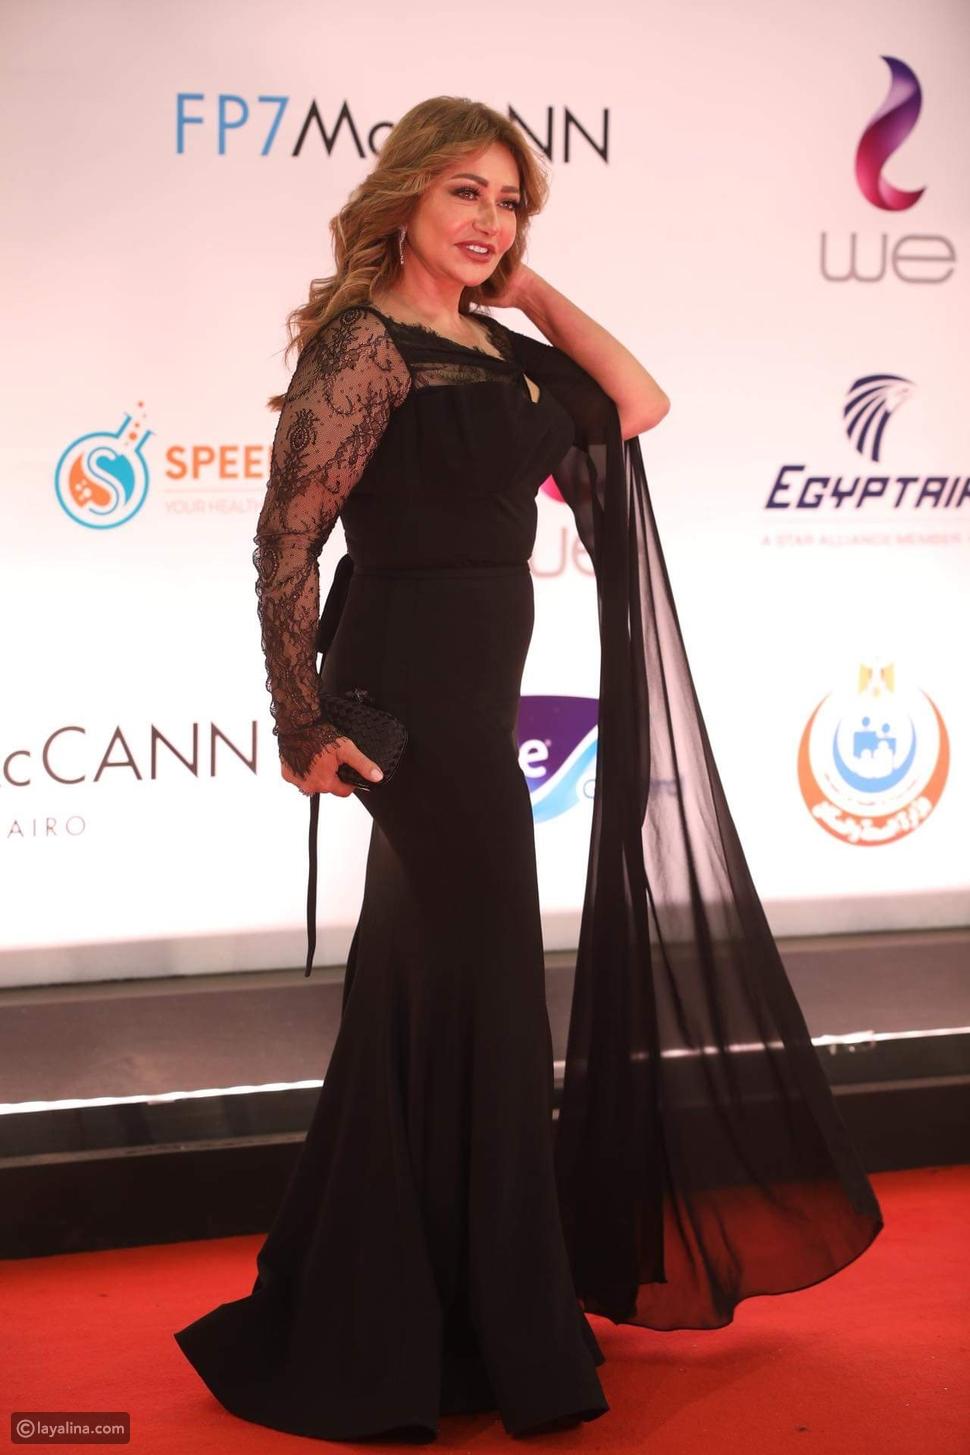 الأسود يليق بك! ليلى علوي بإطلالة جذابة في ختام القاهرة السينمائي